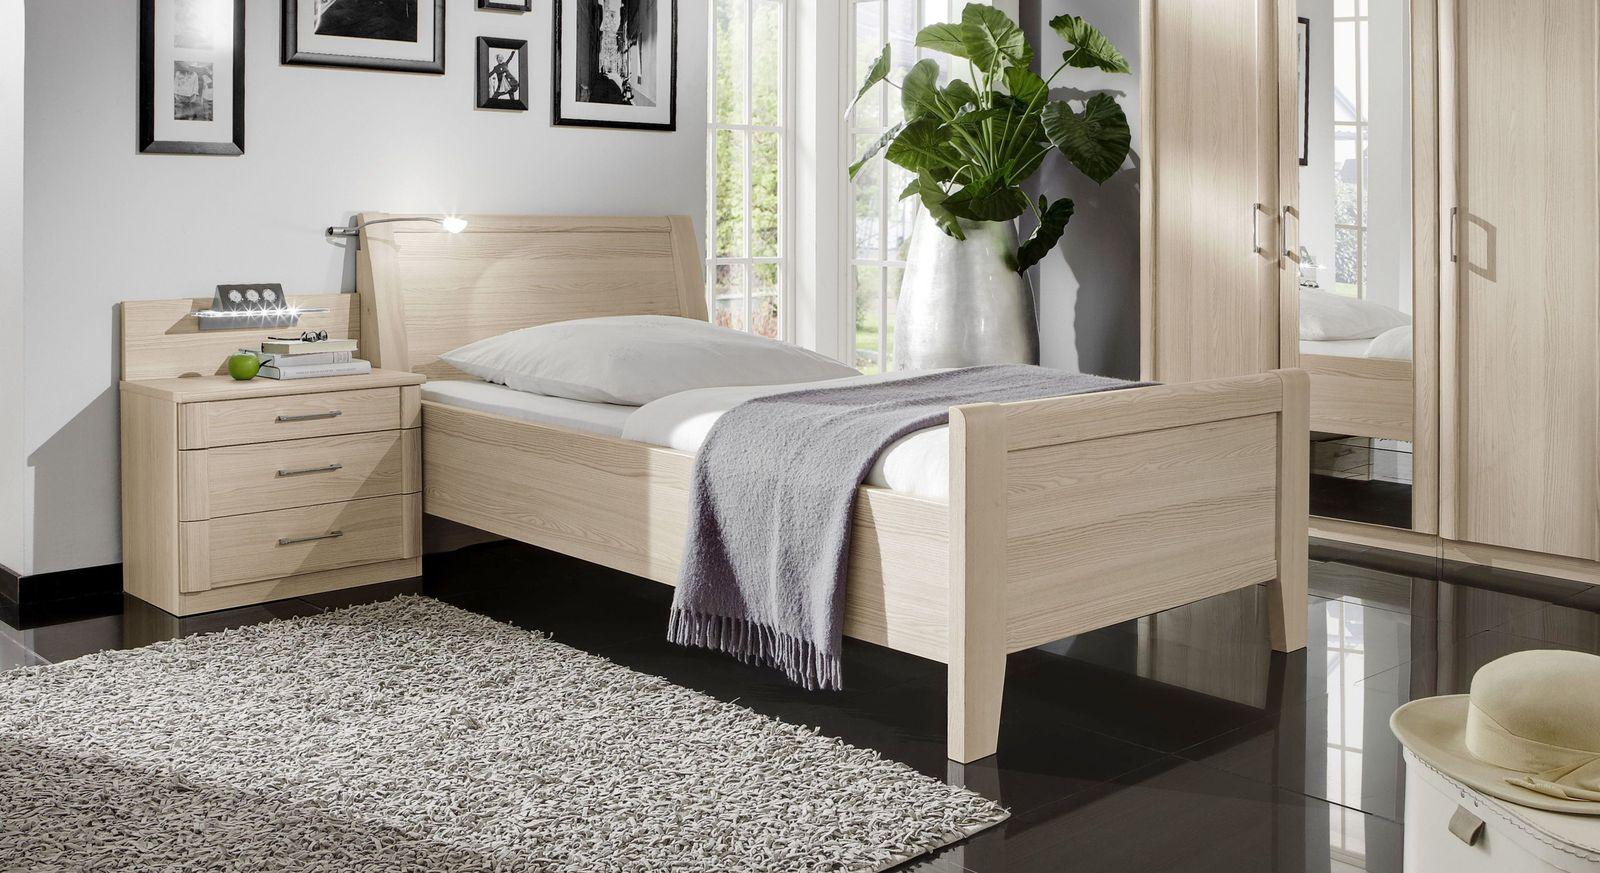 Seniorenbett Montego mit Komfort-Einstiegshöhe